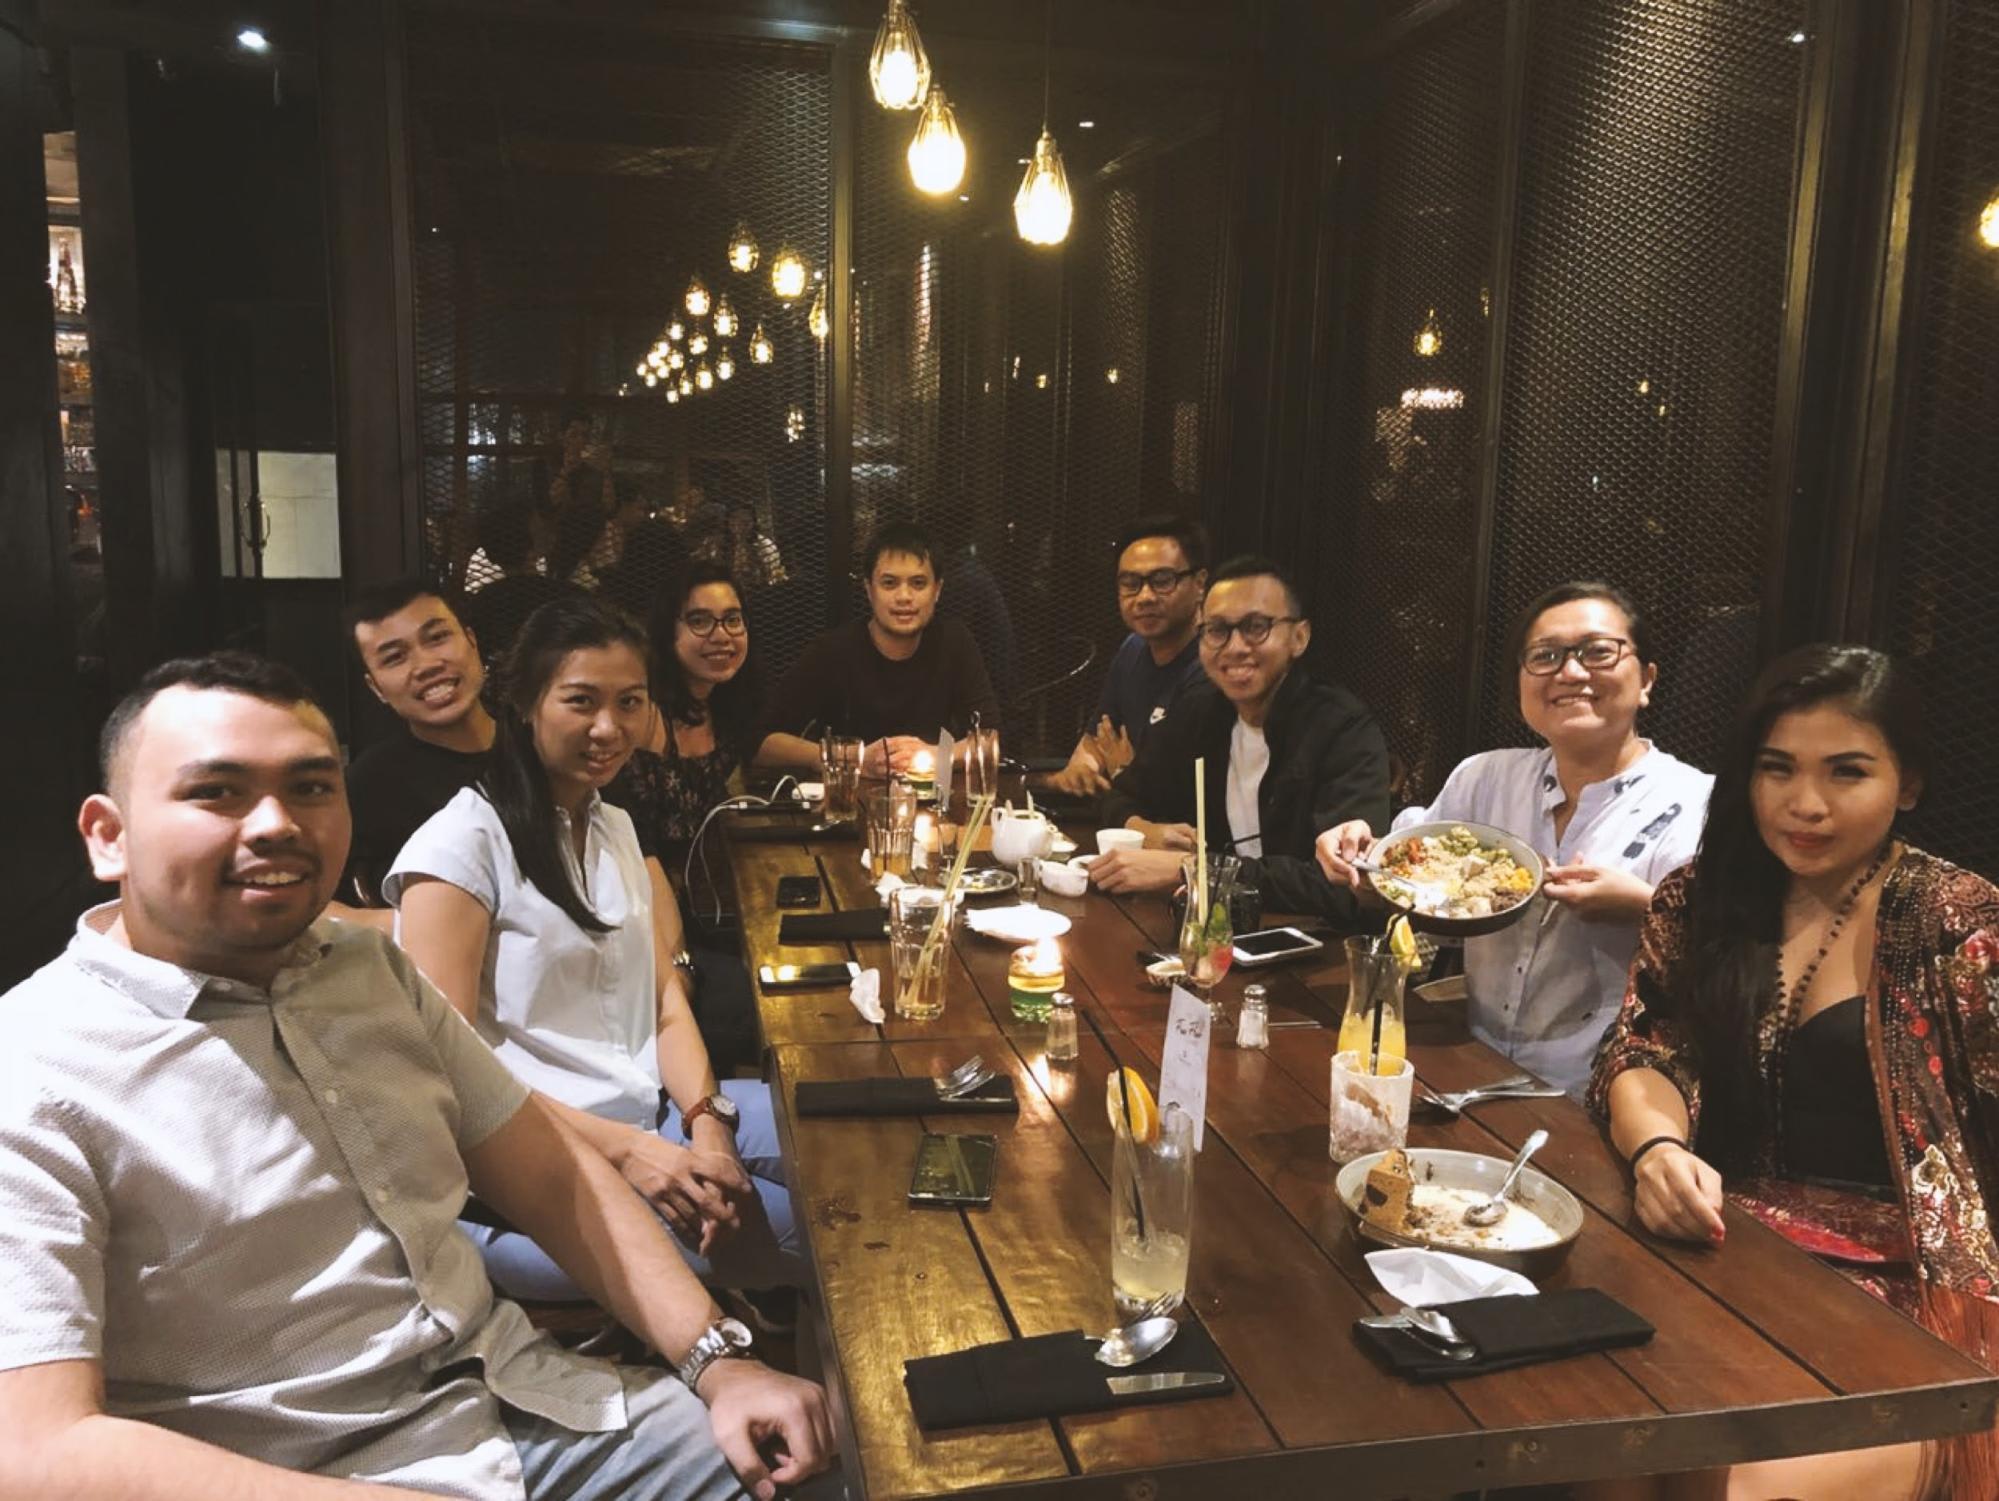 ăn tối cùng bạn bè địa phương ở jakarta